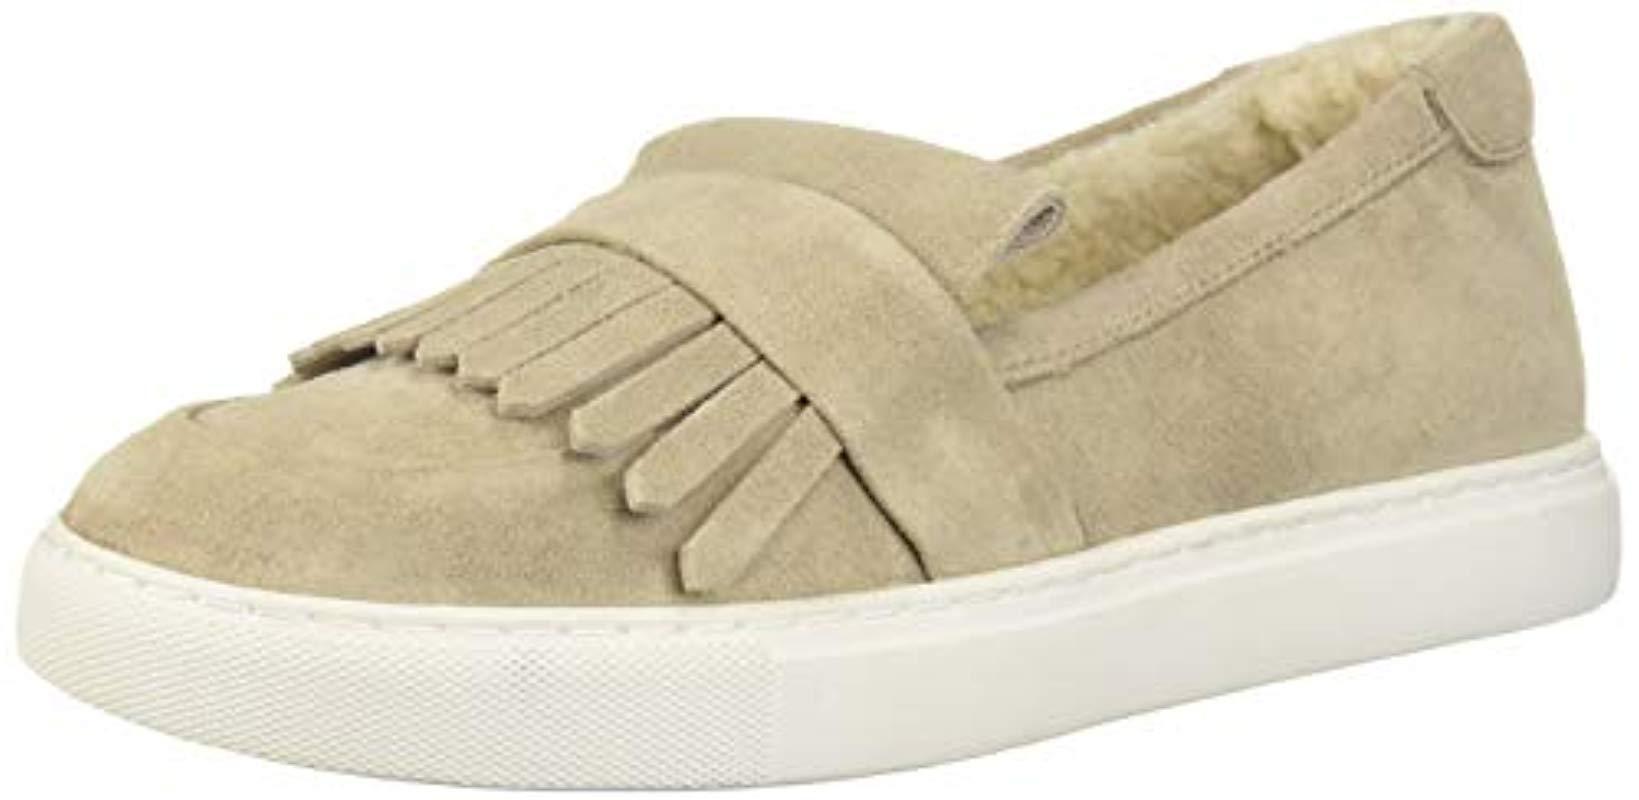 Lyst - Kenneth Cole Kobe Kilty Toe Slip On Sneaker in Natural 7c544e8f6de